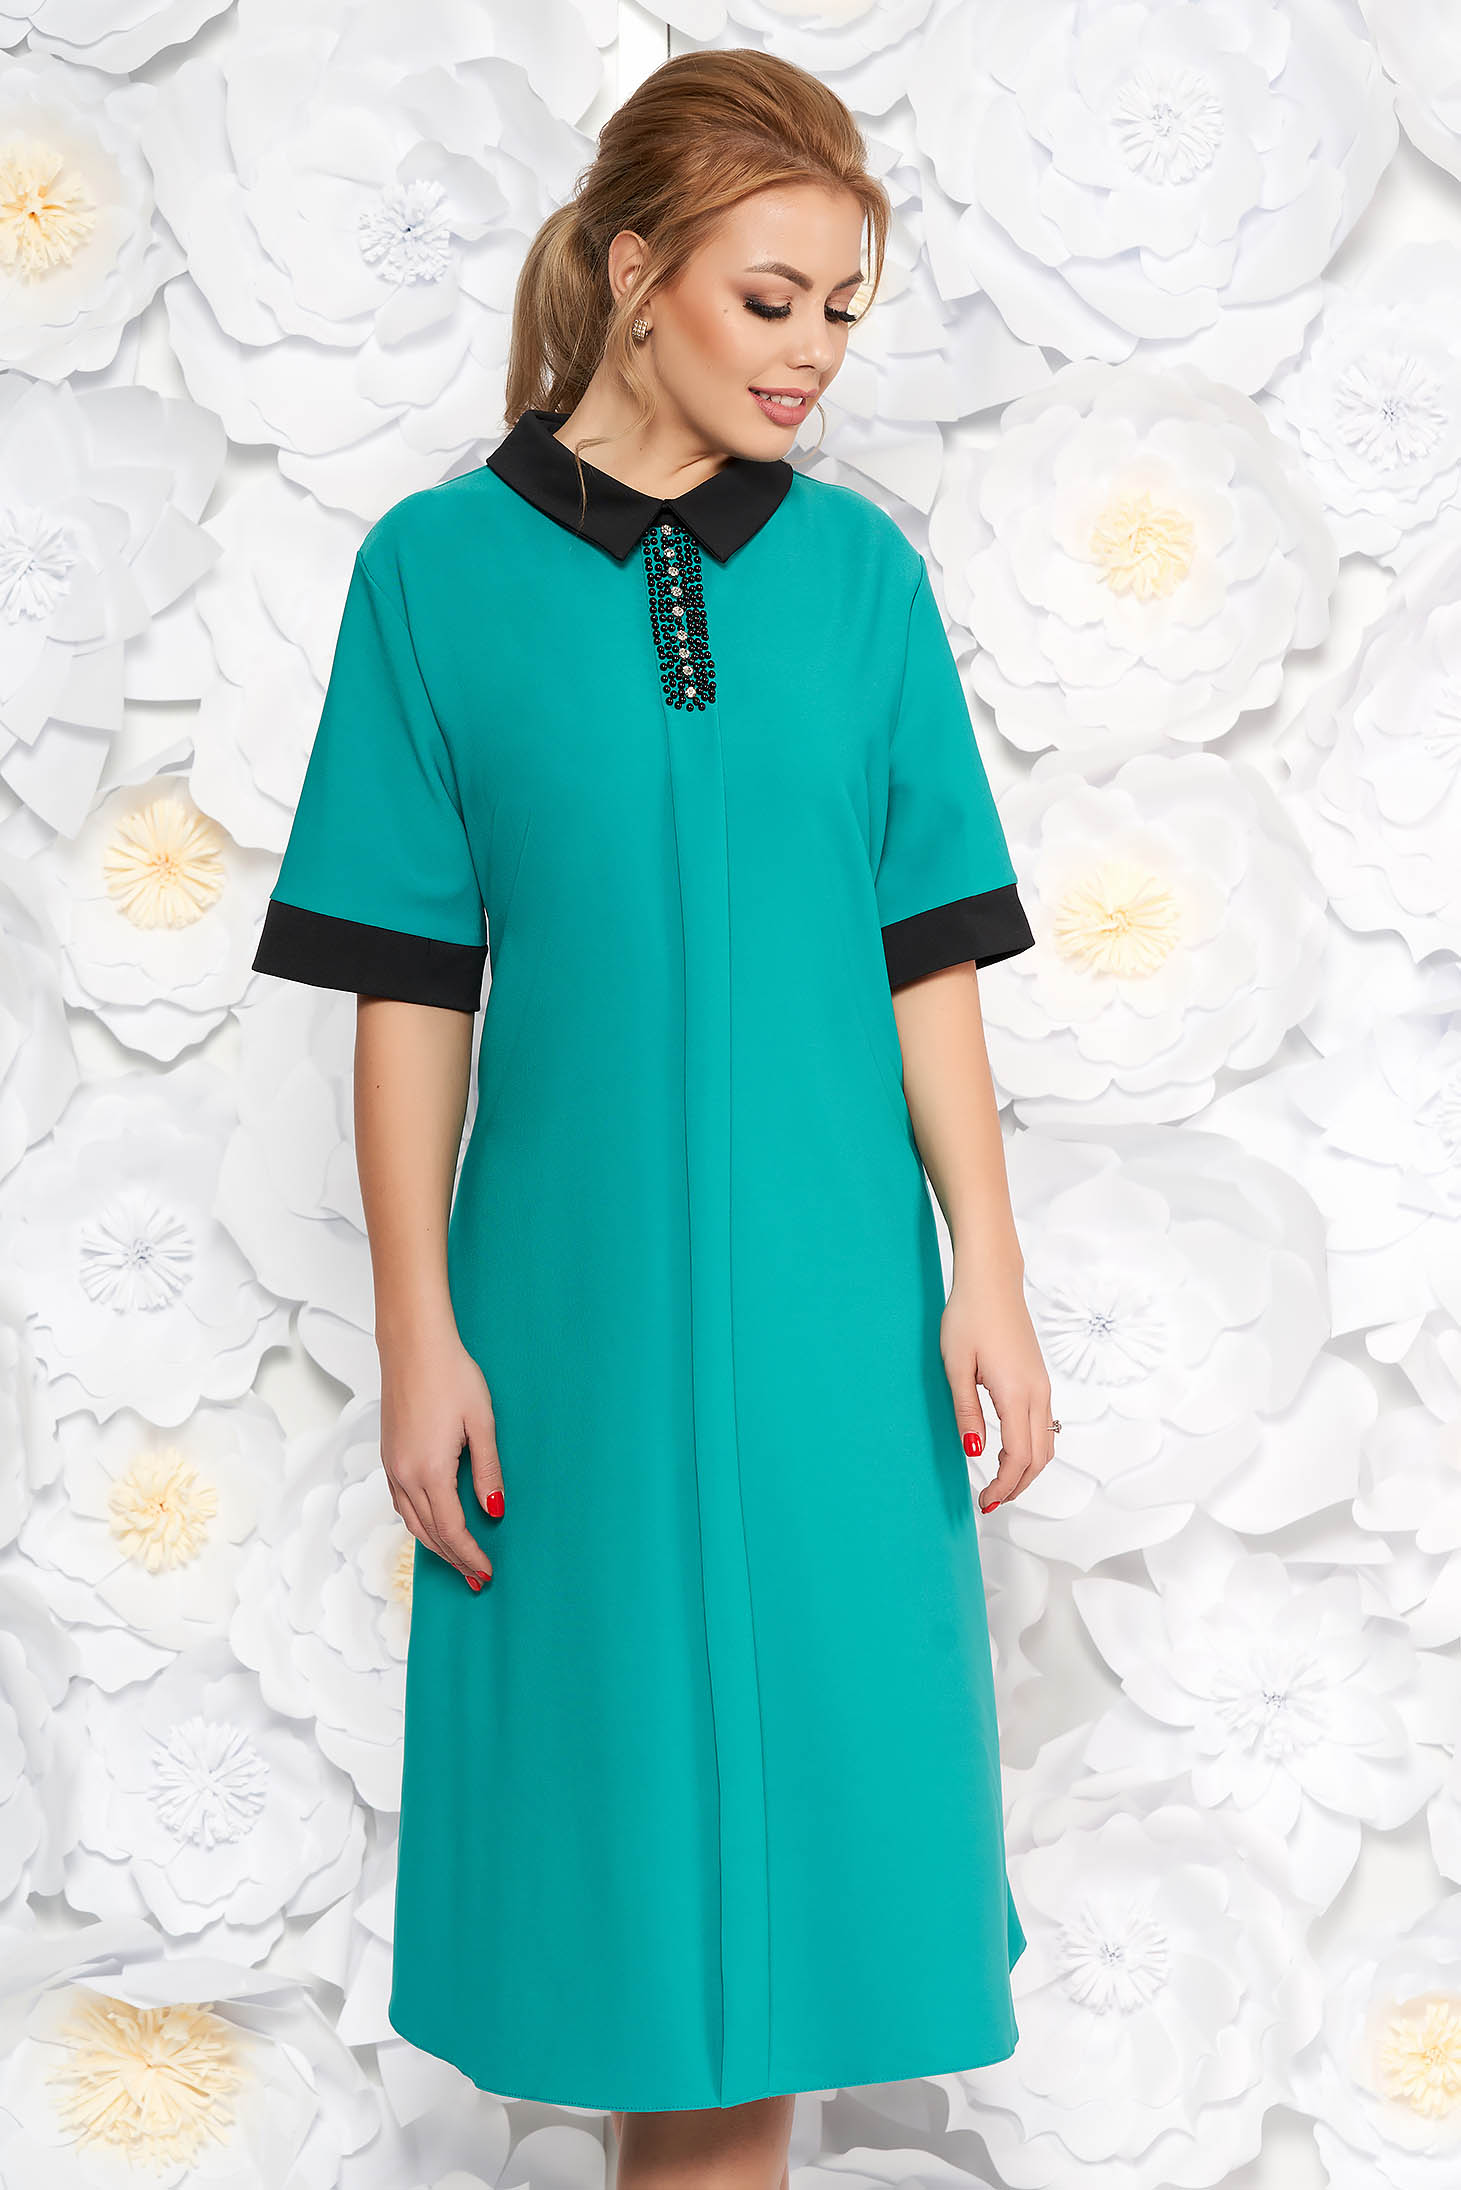 Rochie verde eleganta midi cu croi larg din material fin la atingere cu aplicatii cu margele cu buzunare